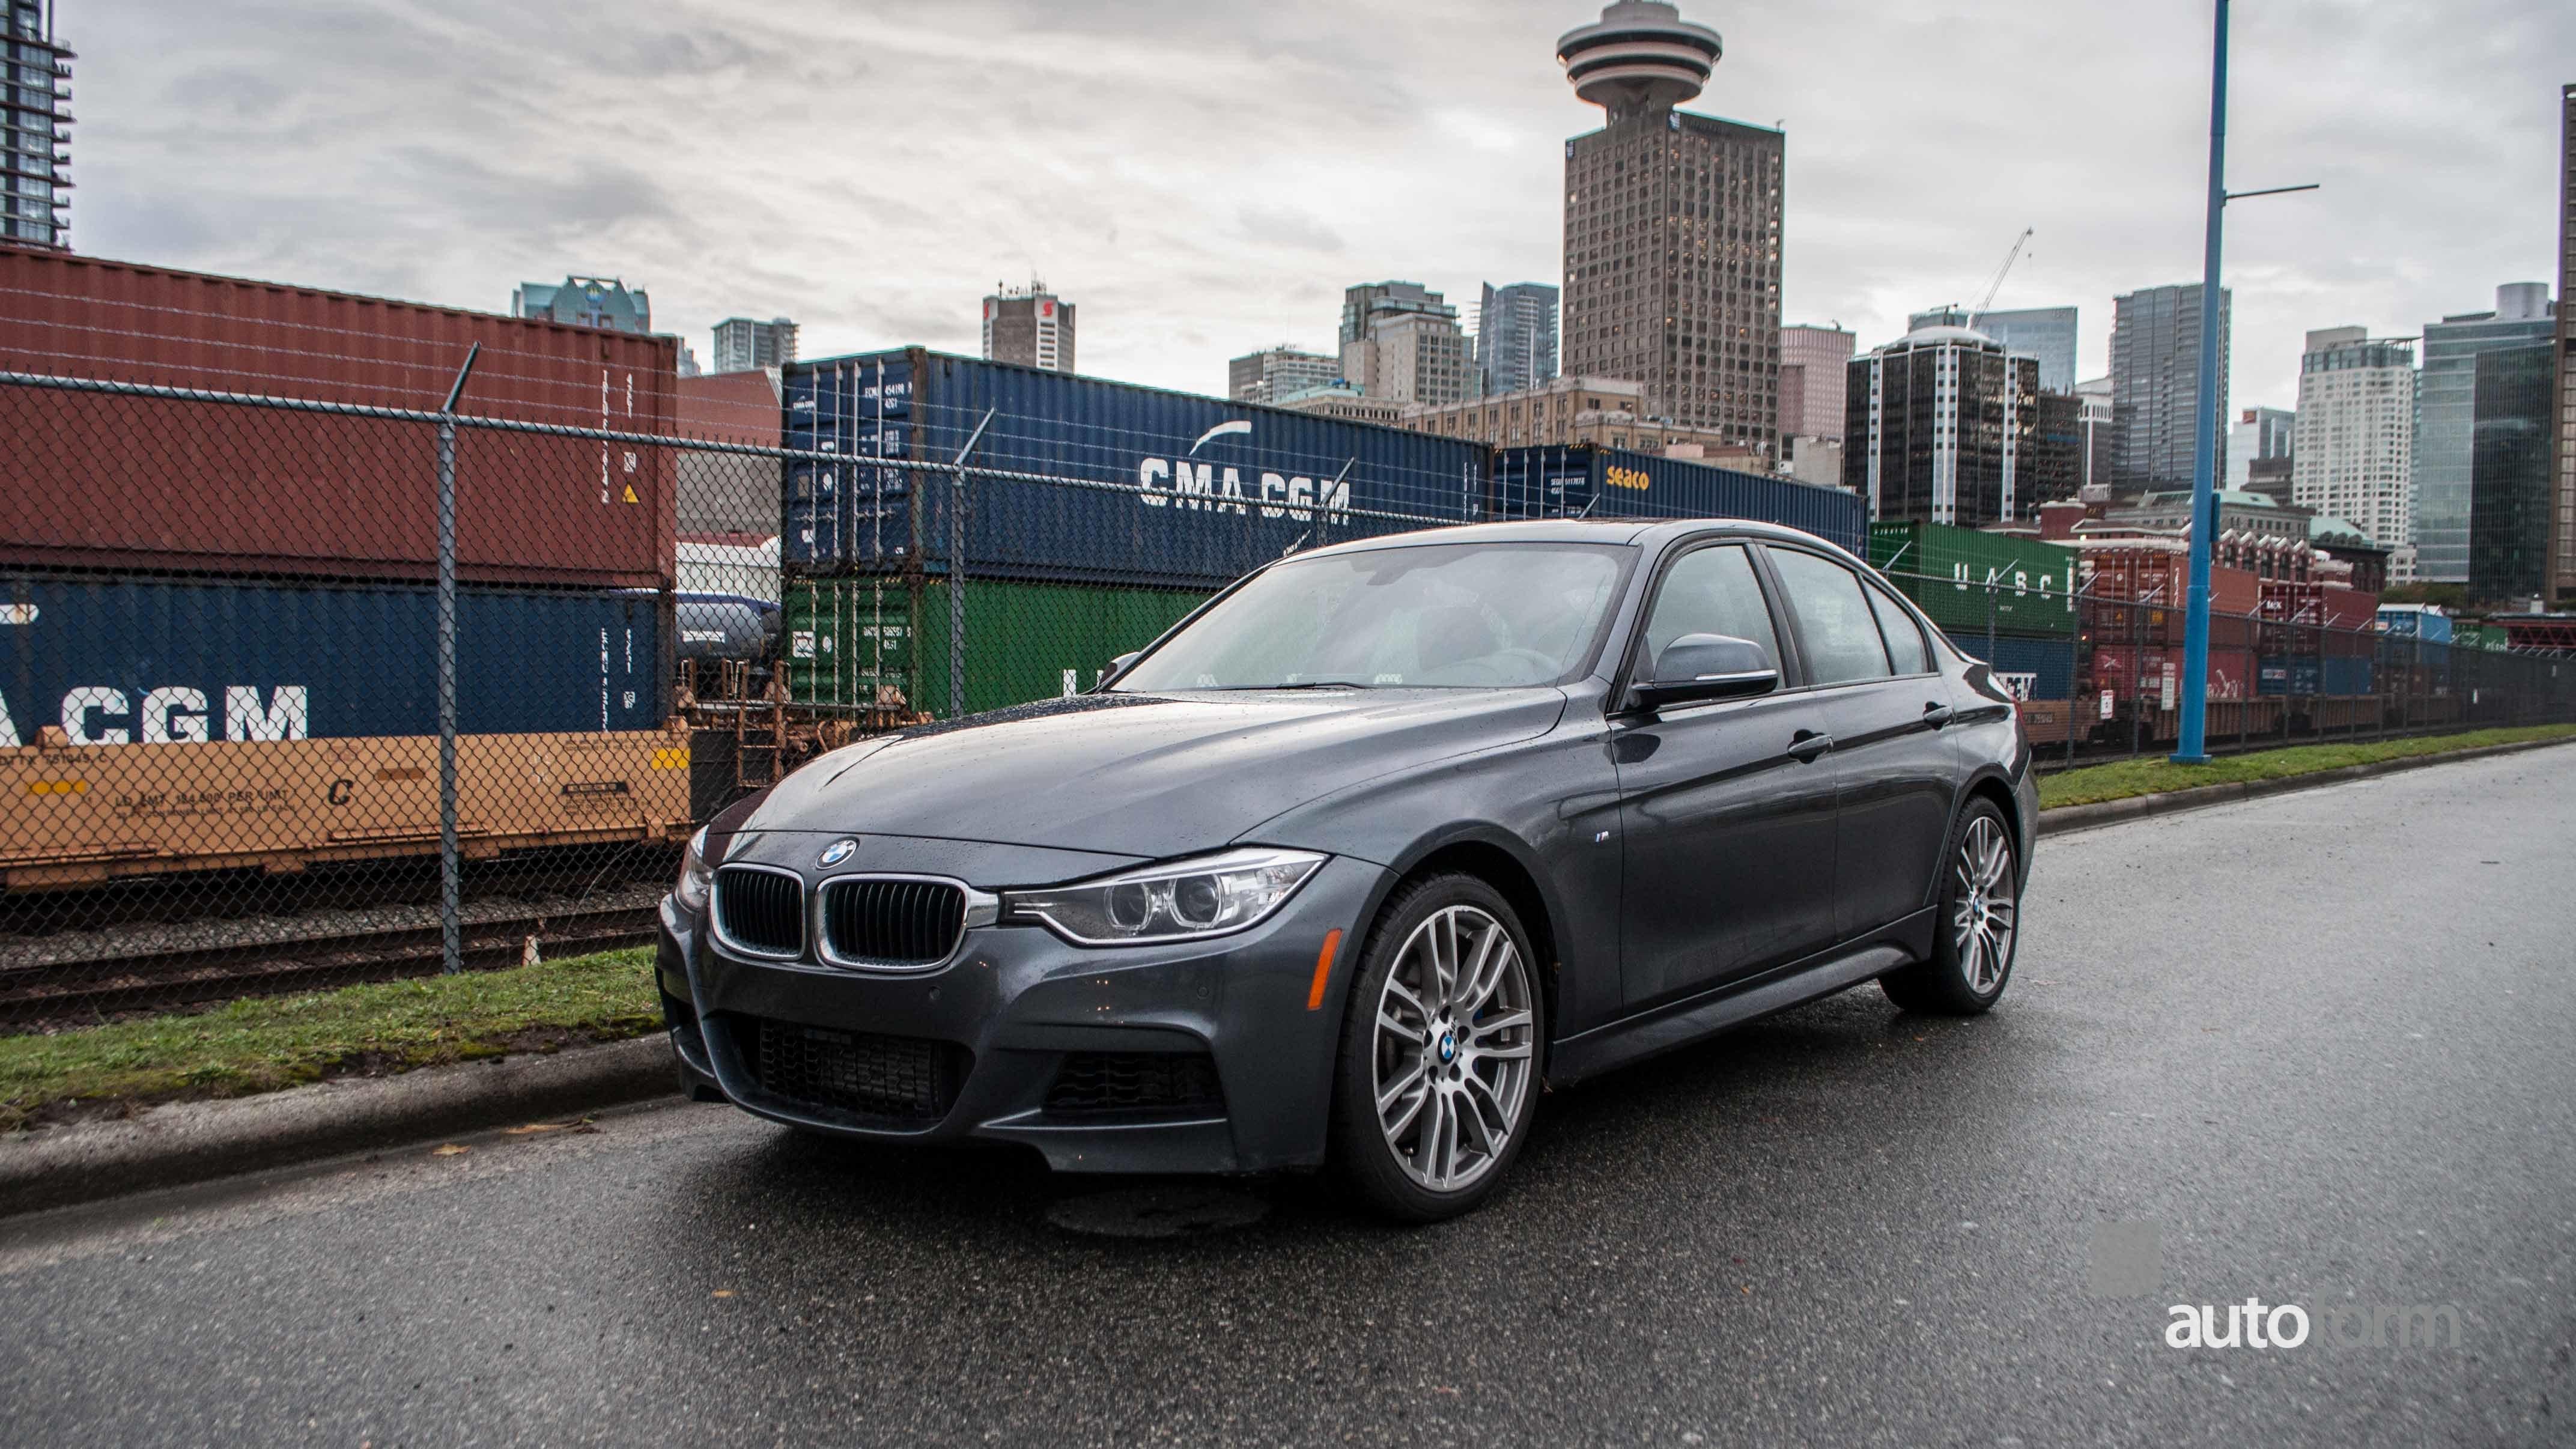 BMW I XDrive Msport Autoform - Bmw 335i xdrive m sport